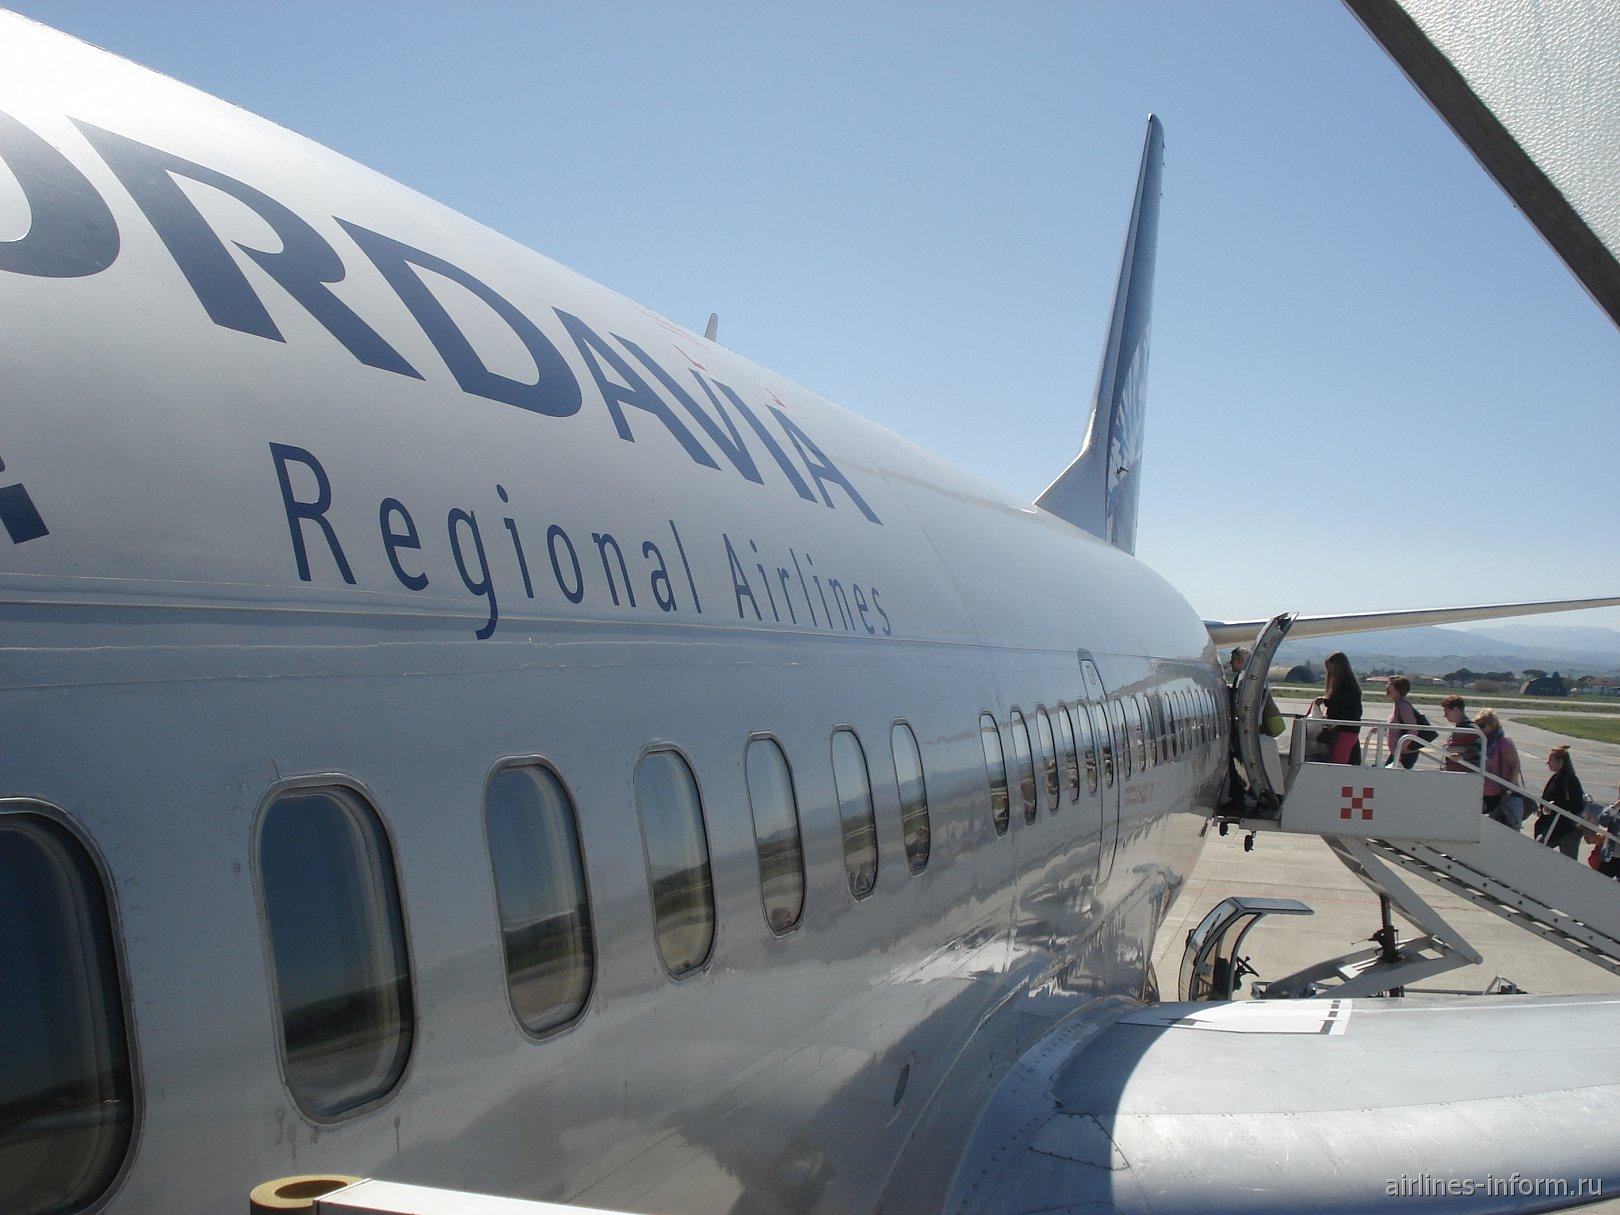 Европейские широты. Часть 6. Из Римини (RMI) в Москву (DME) с Nordavia на Boeing 737-500.